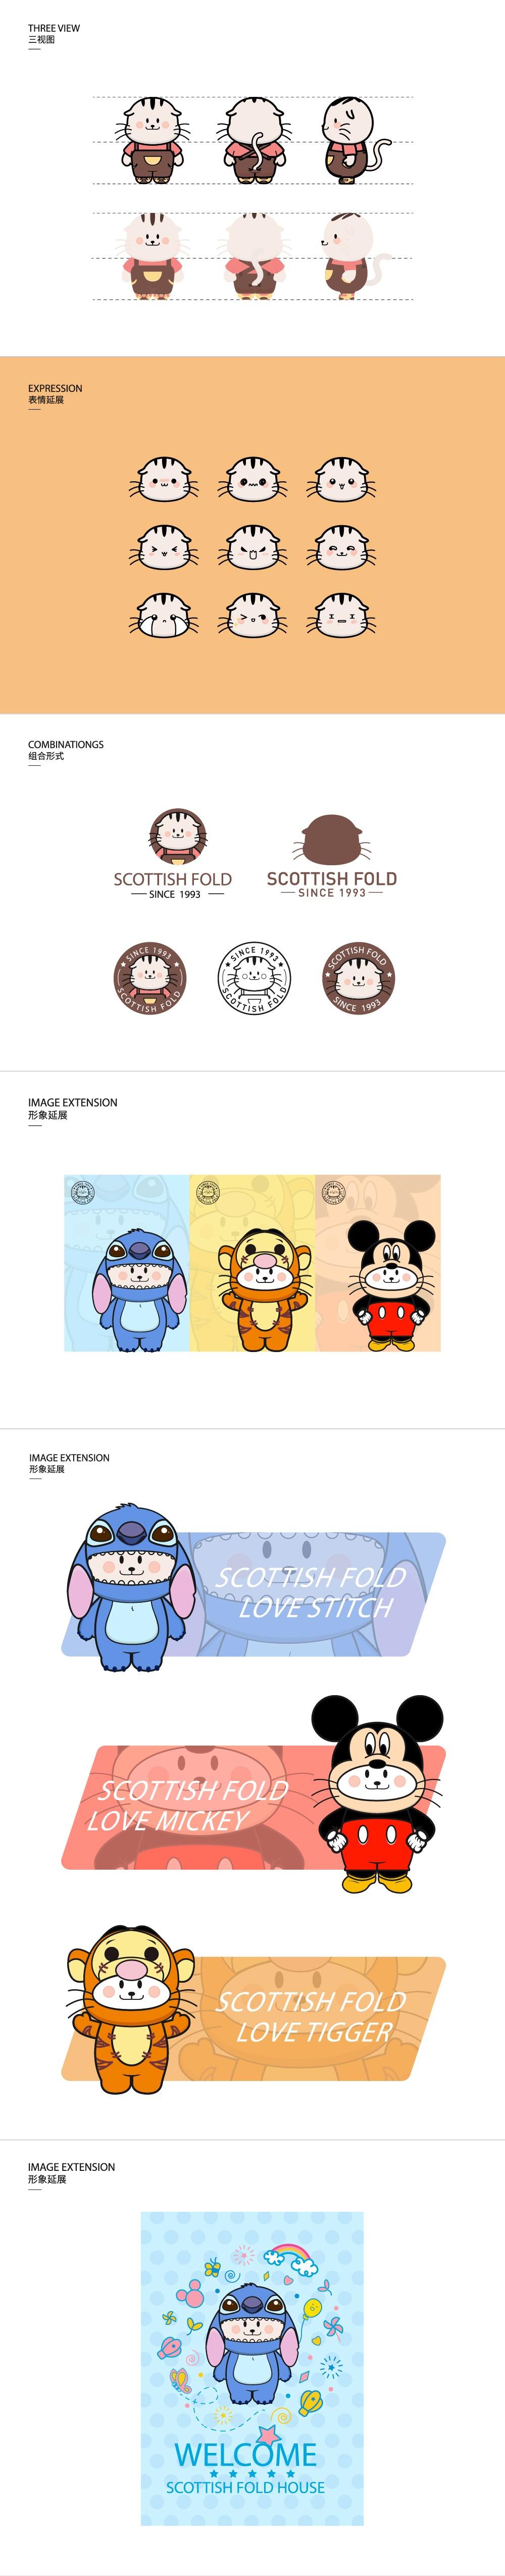 品牌提案—卡通形象吉祥物设计